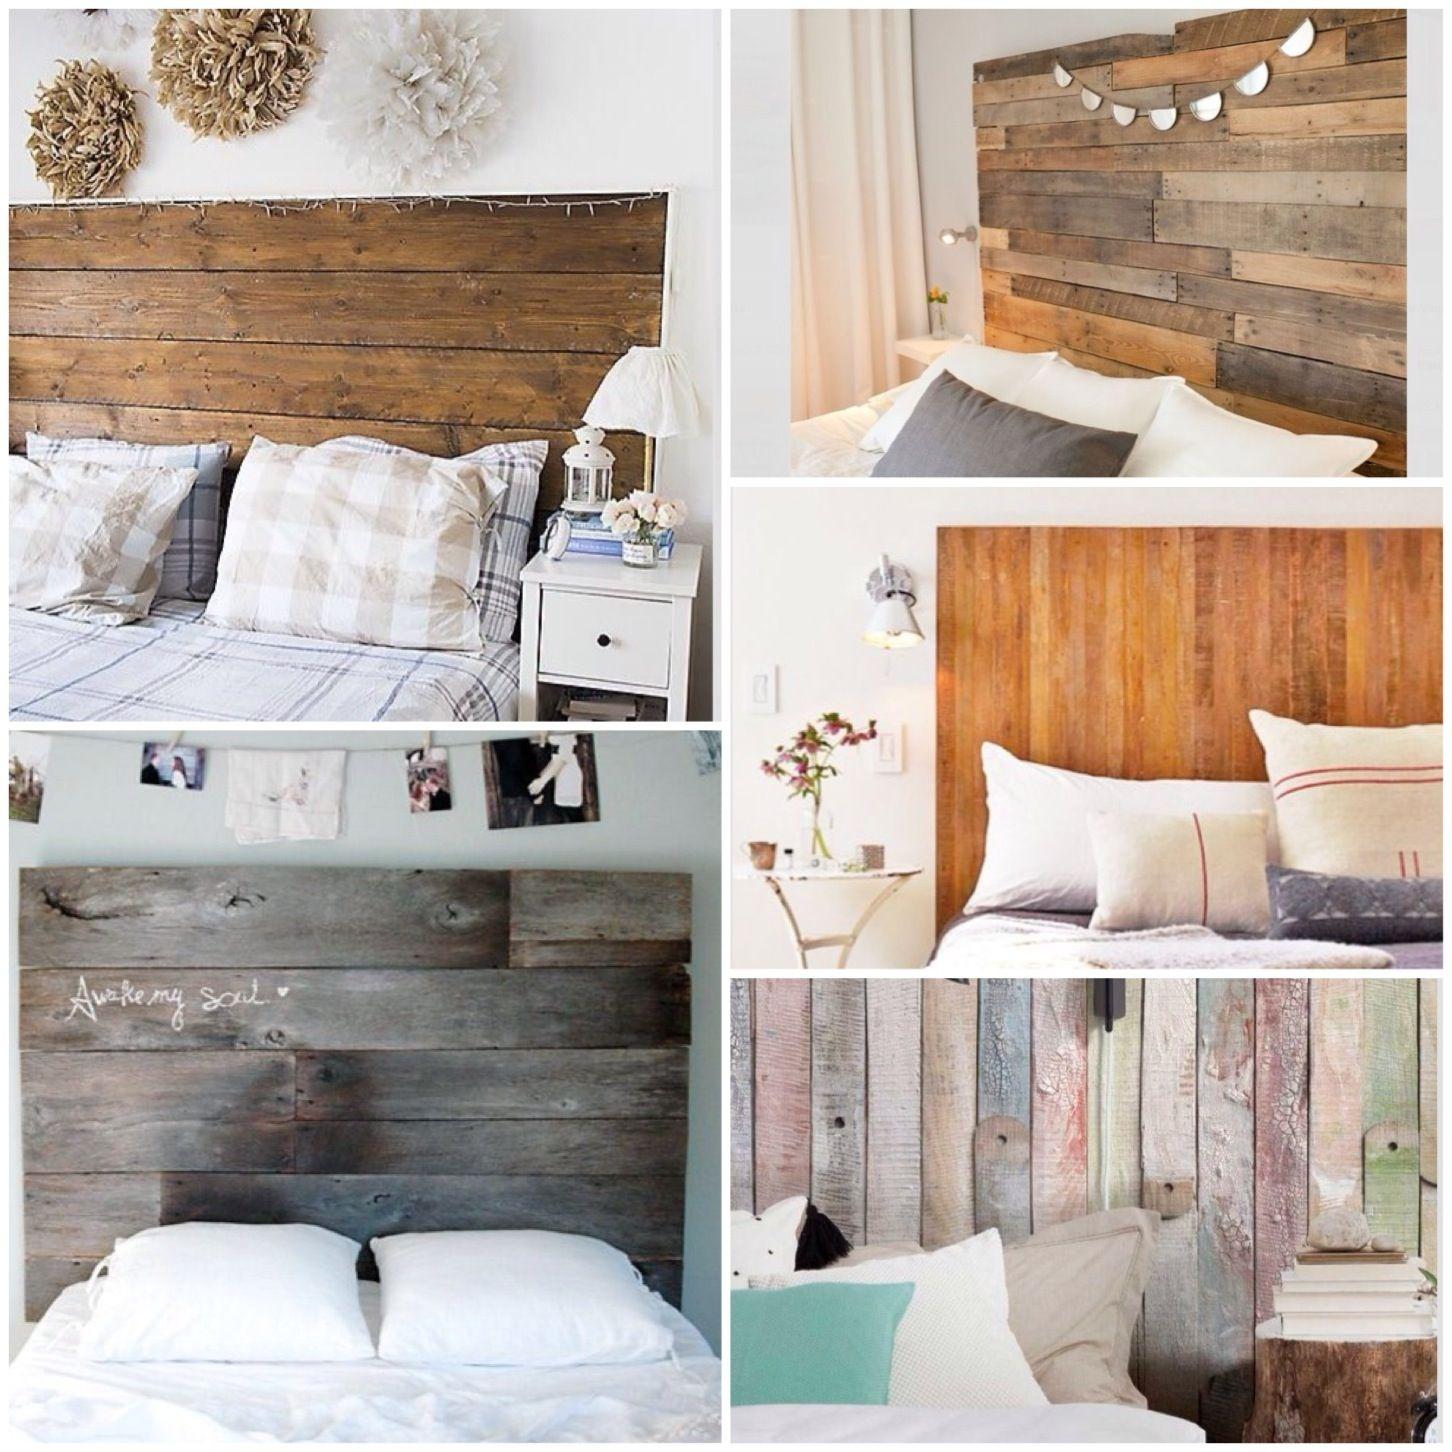 Cabeceros de madera r sticos y con letras diy - Cabeceros de cama rusticos ...